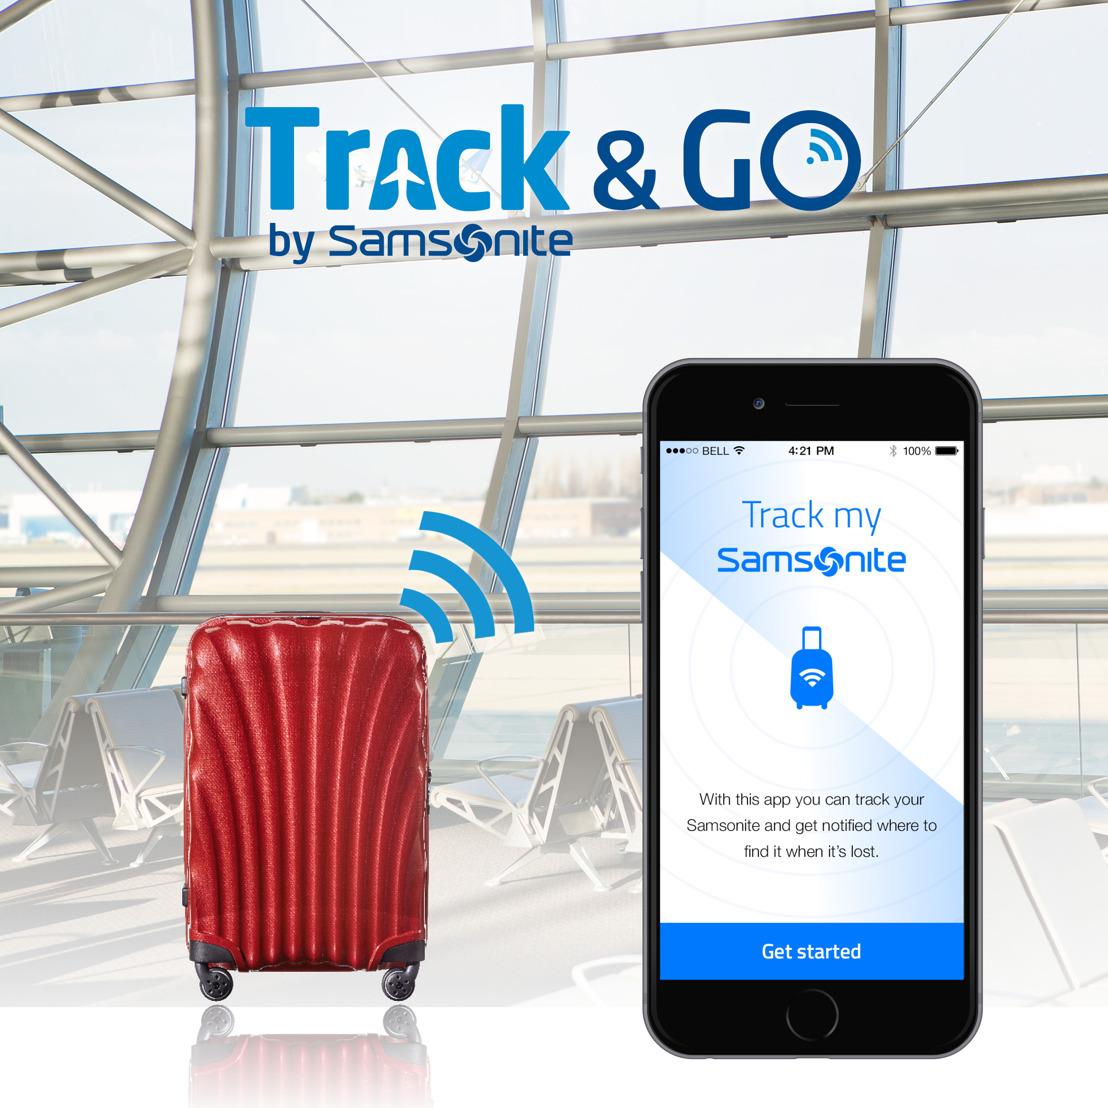 Samsonite lanceert Track&Go™, een betrouwbare oplossing om uw verloren bagage terug te vinden, dankzij Eddystone-EID by Google